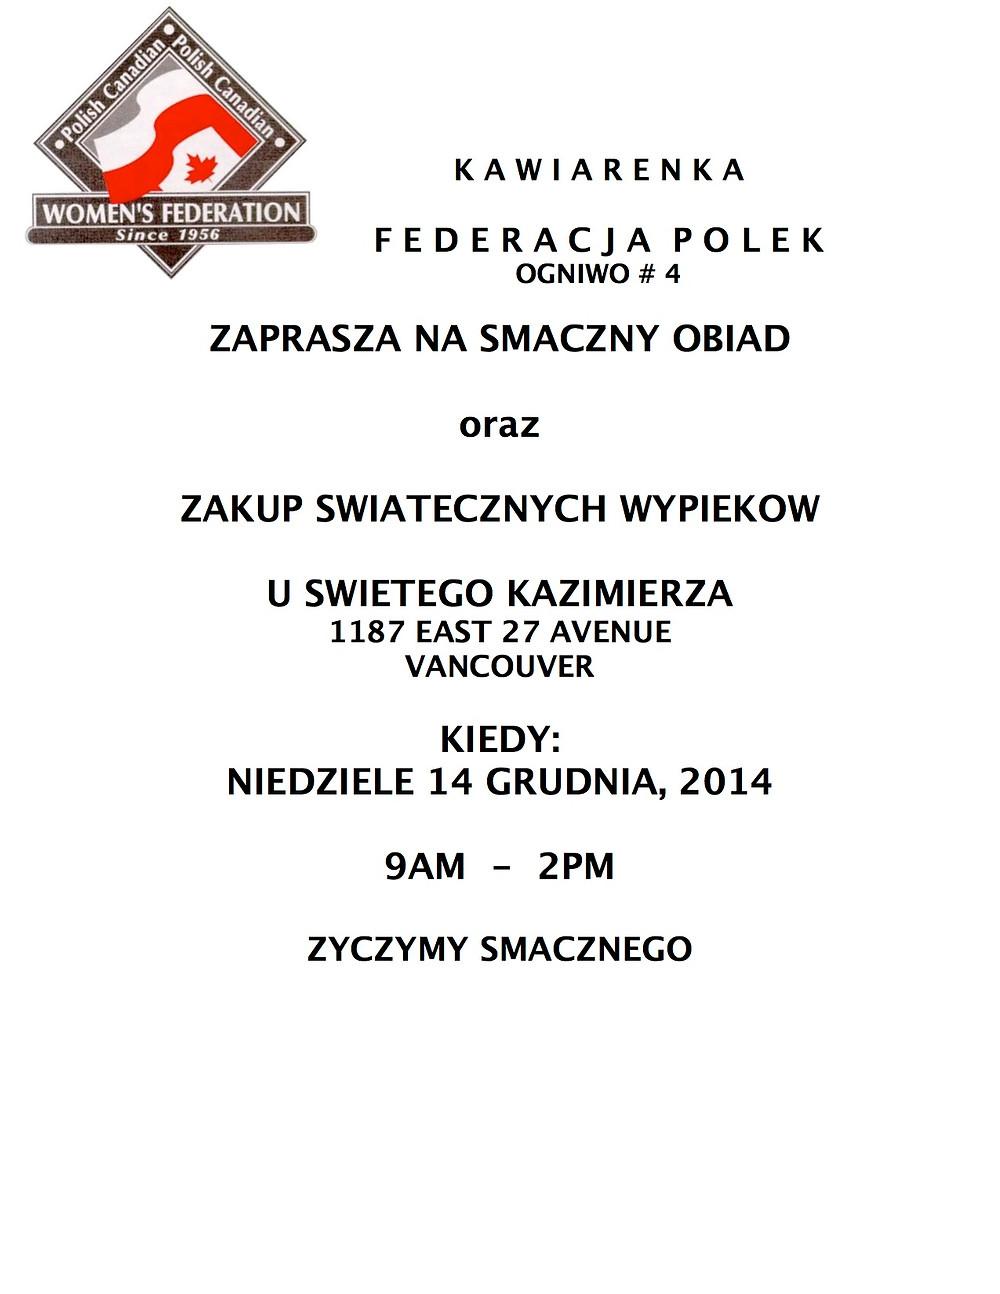 Kawiarenka 2014 12.jpg